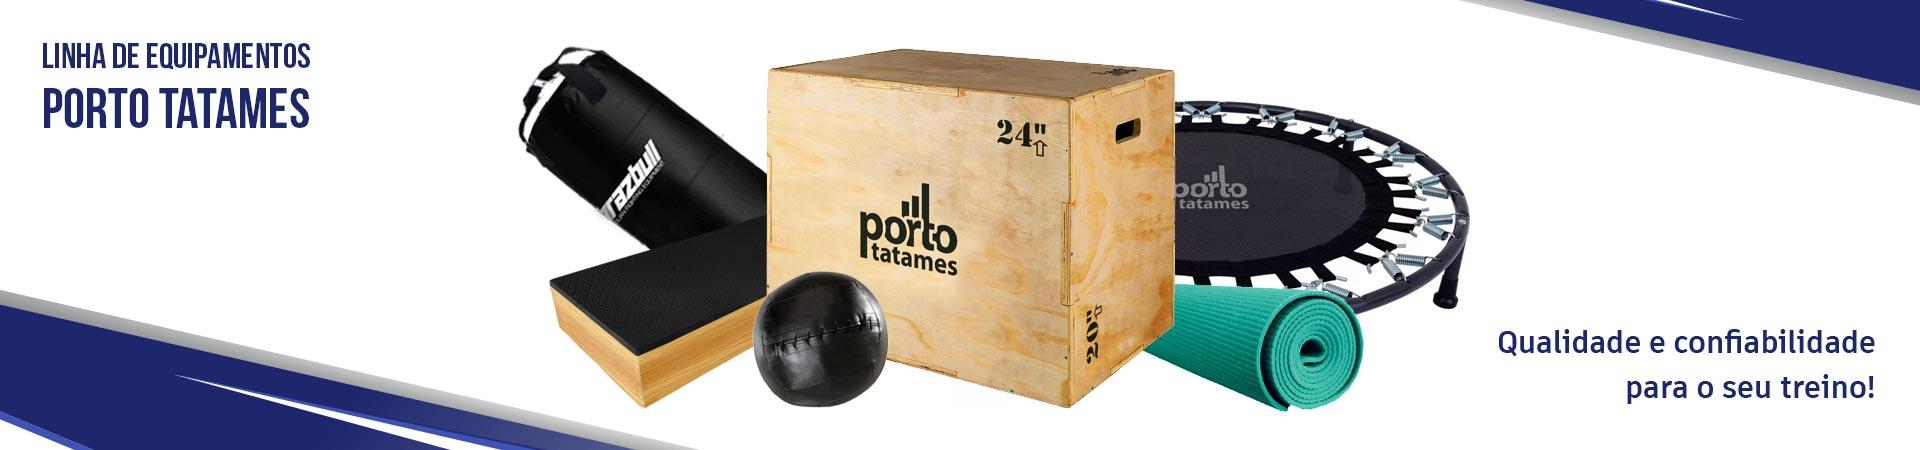 Produtos Marca Porto Tatames